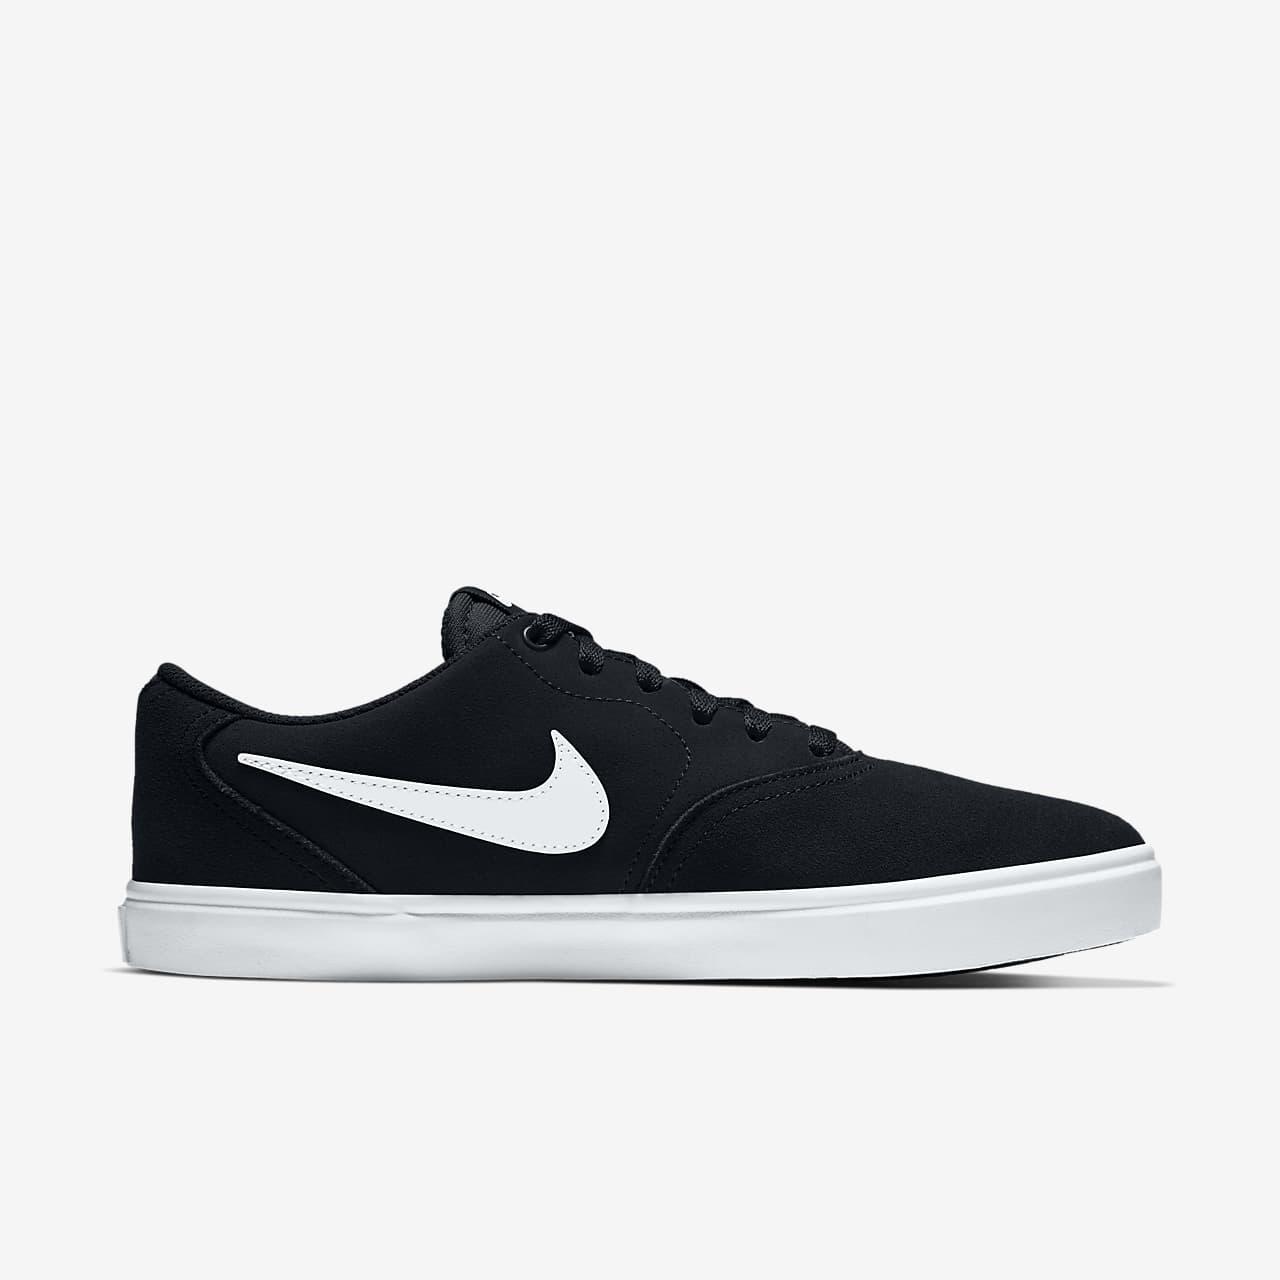 Chaussures de skate NIke SB pour Homme